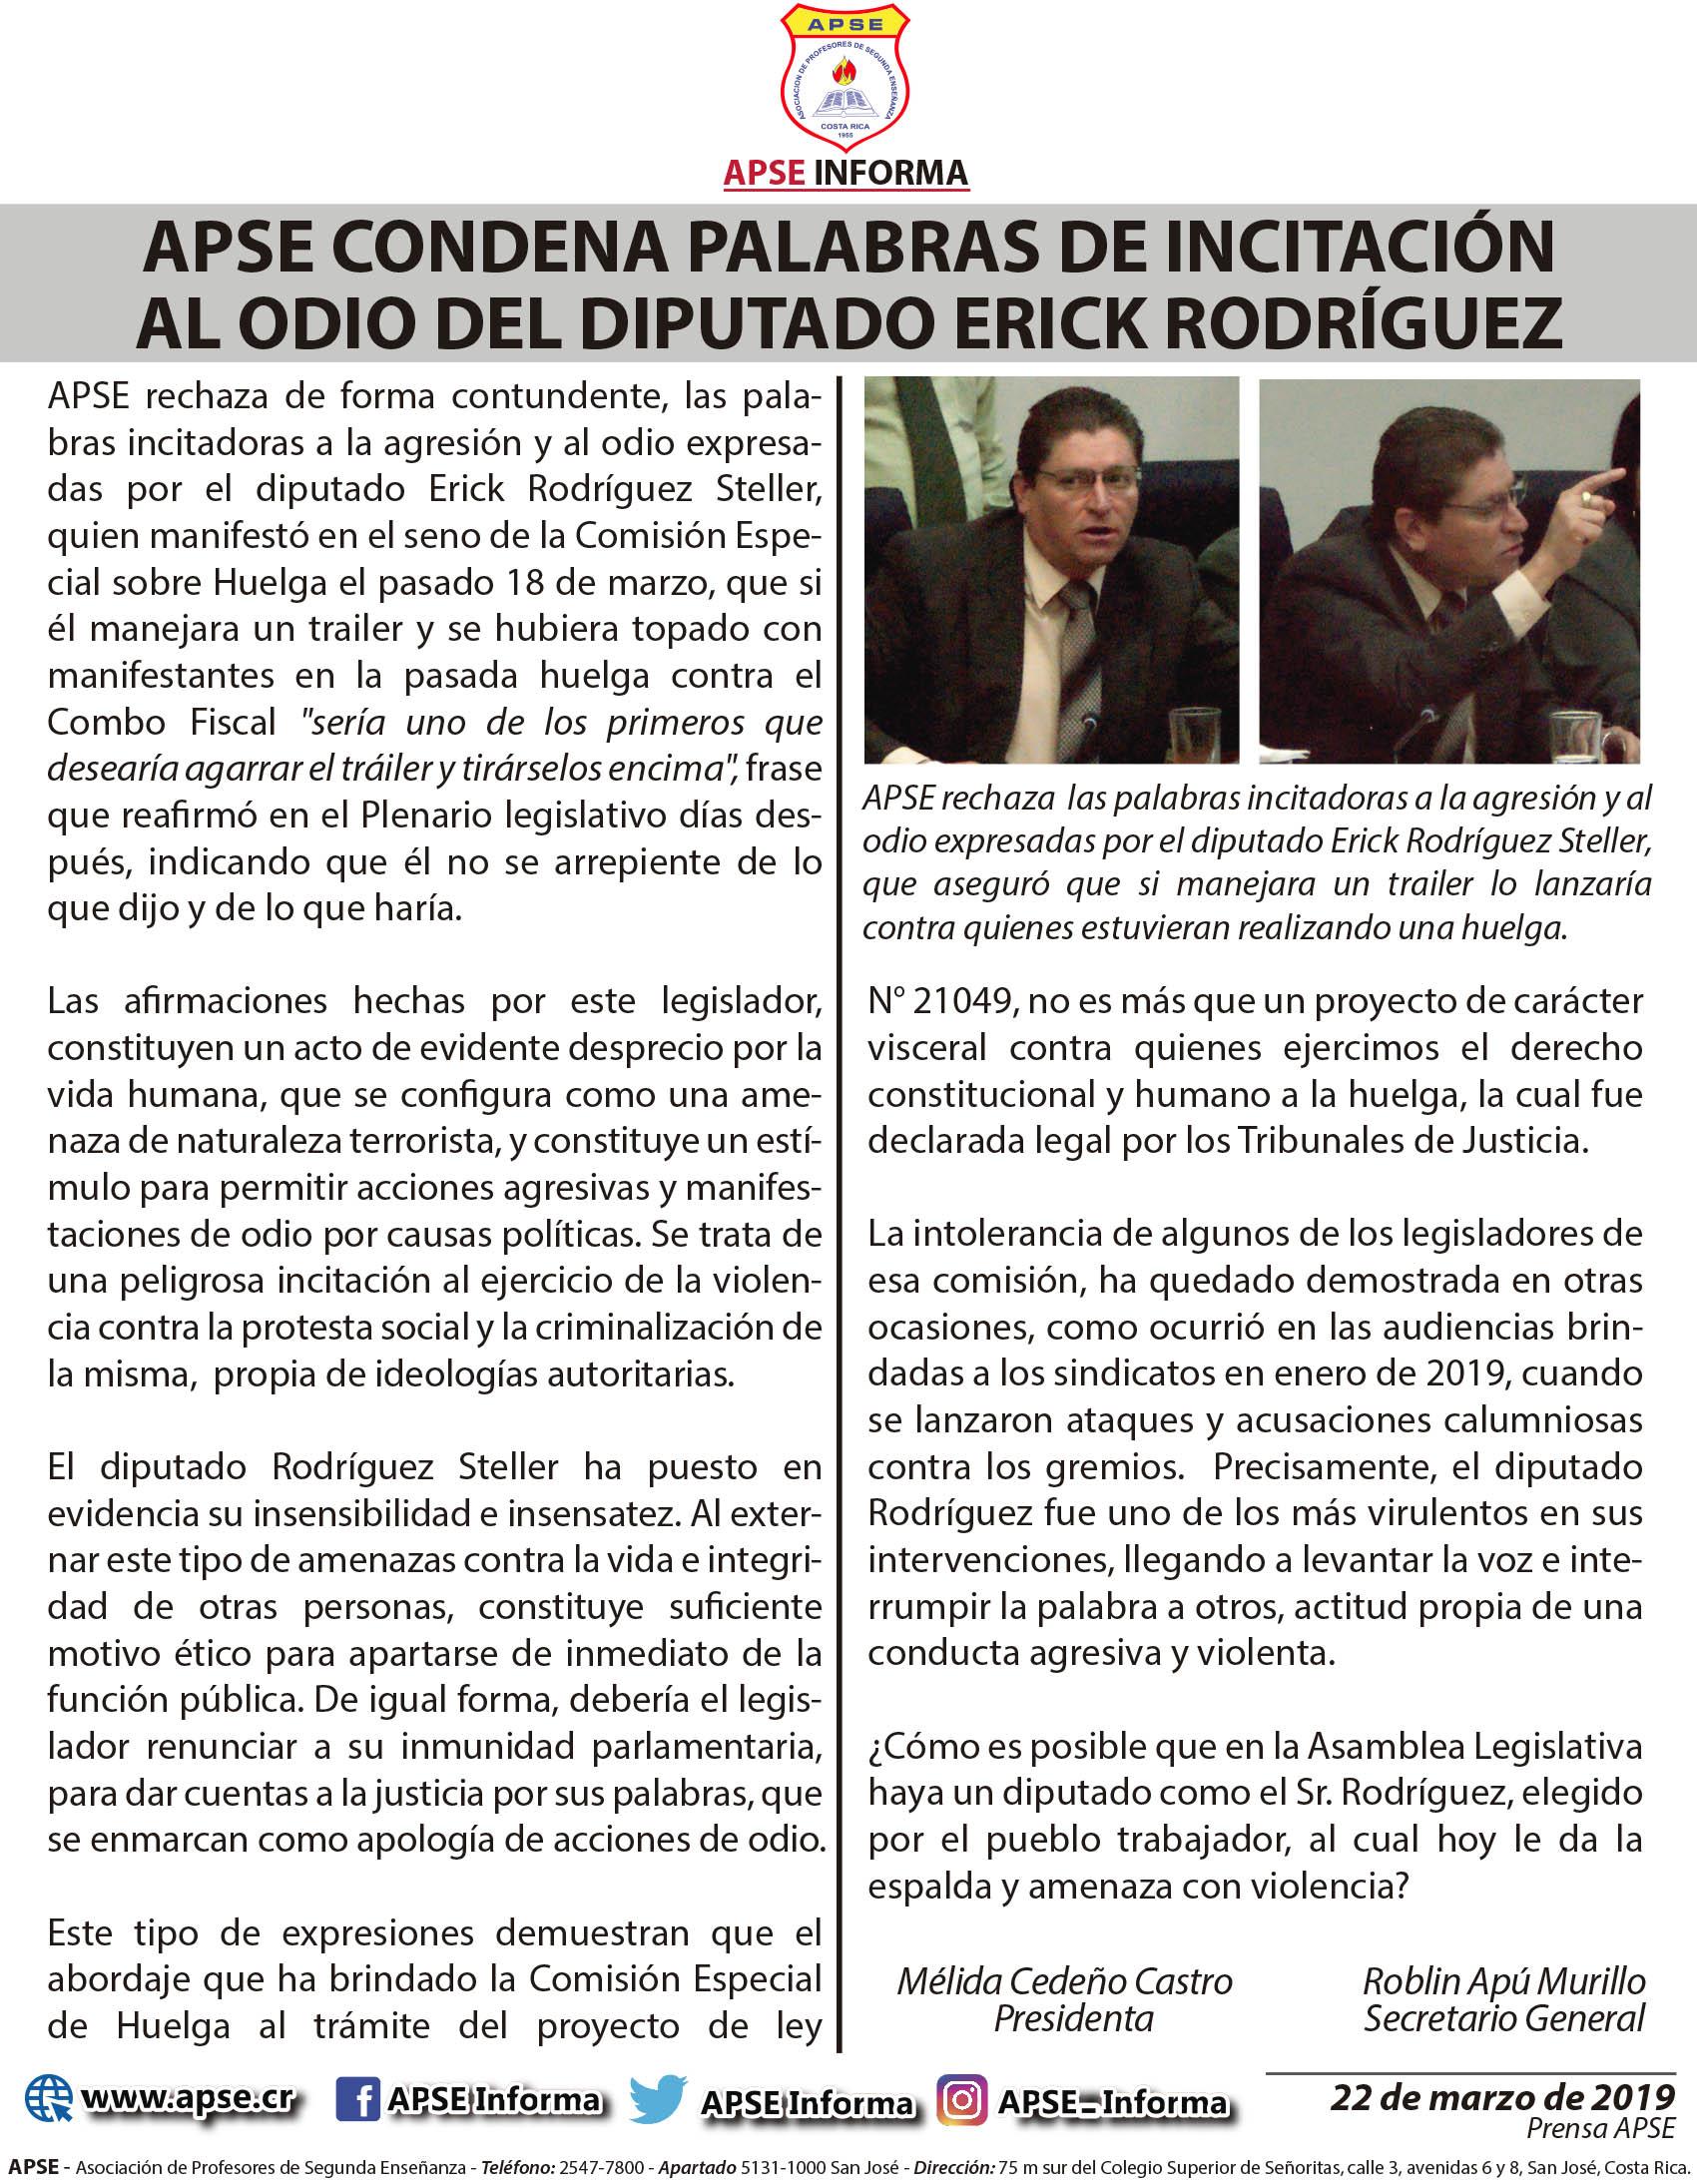 APSE CONDENA PALABRAS DE INCITACIÓN AL ODIO DEL DIPUTADO ERICK RODRÍGUEZ